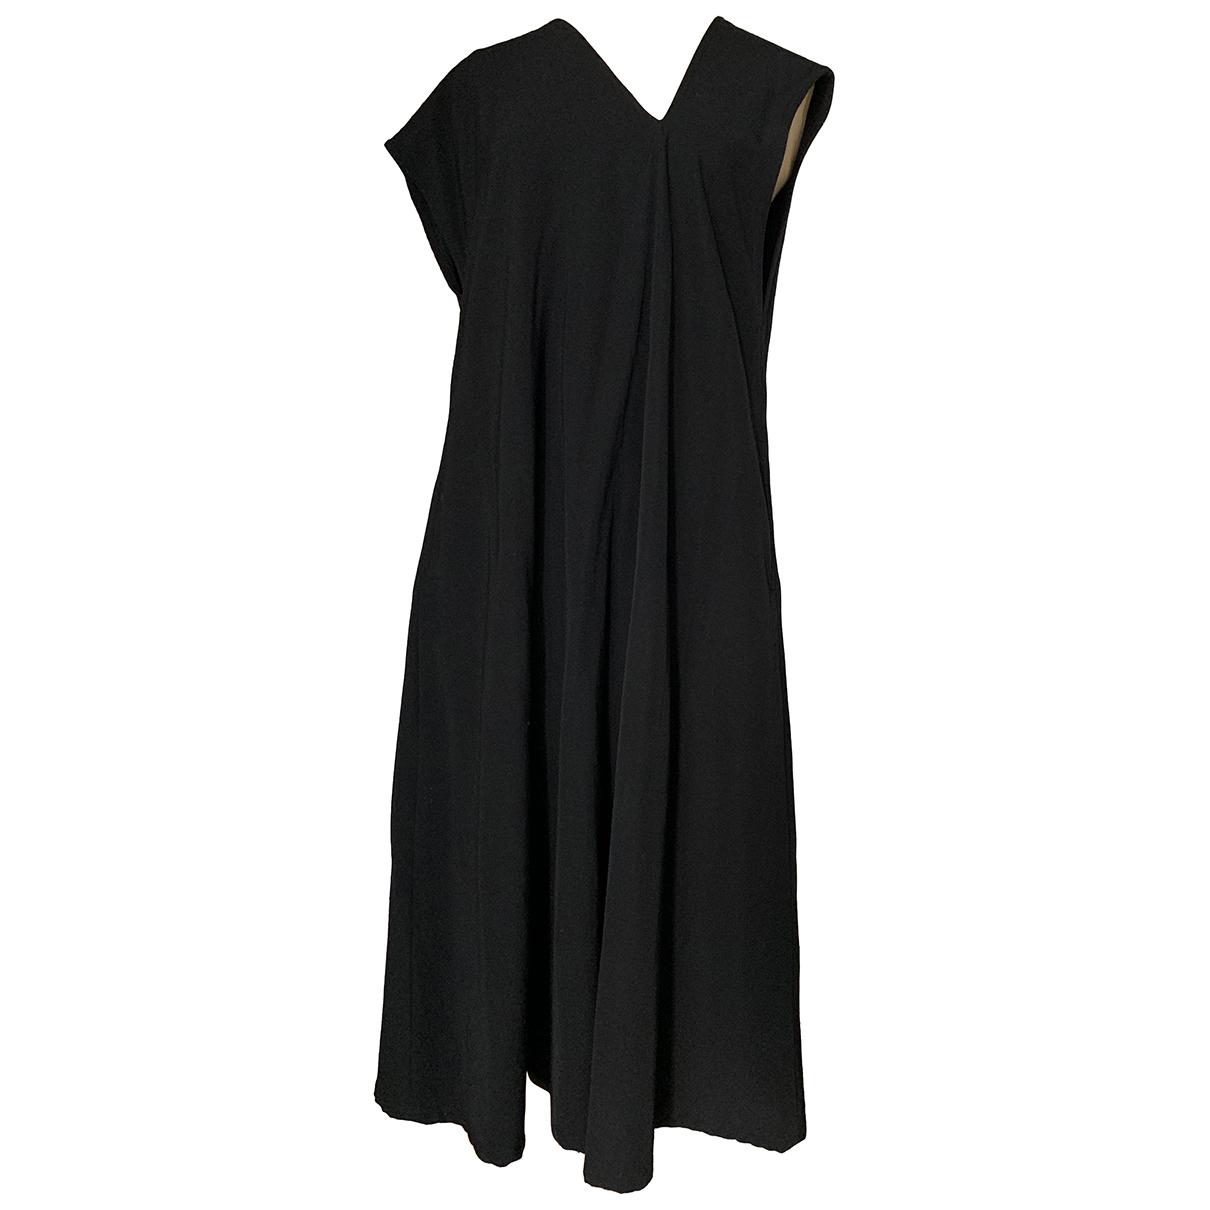 Ys - Robe   pour femme en laine - noir